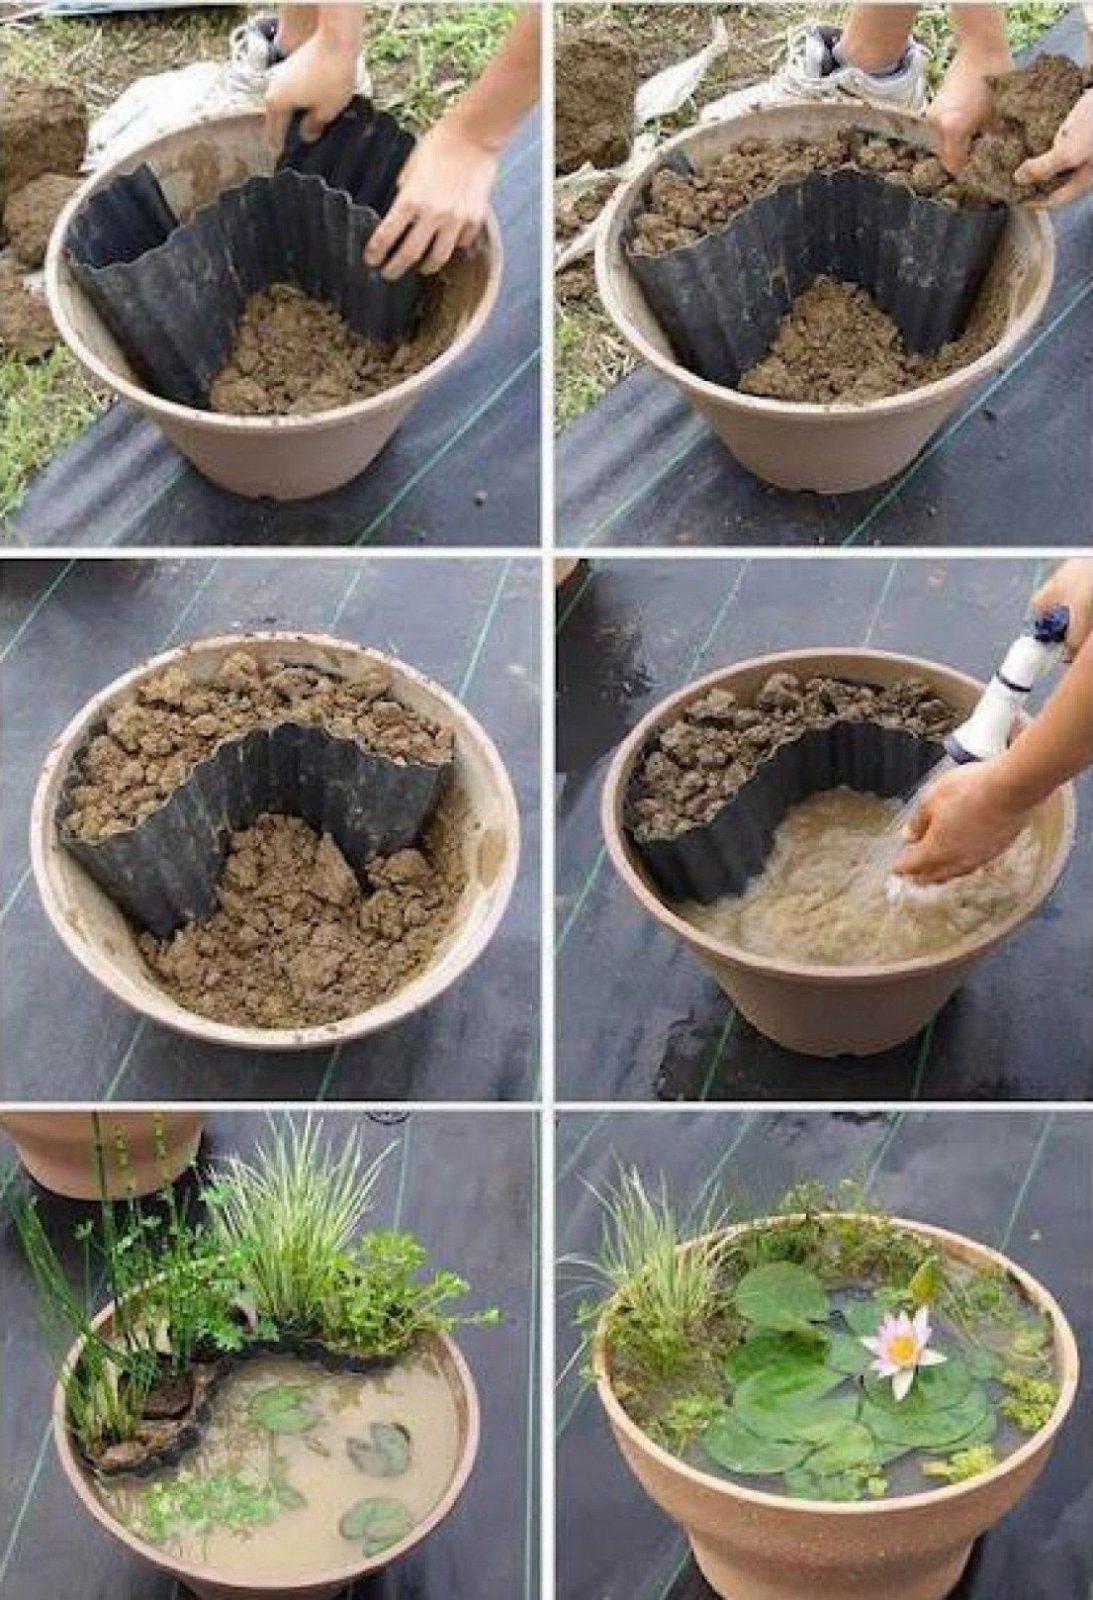 Dekoration Garten Selber Machen Wunderbar Mini Gartenteich Selber von Deko Für Garten Selber Machen Photo